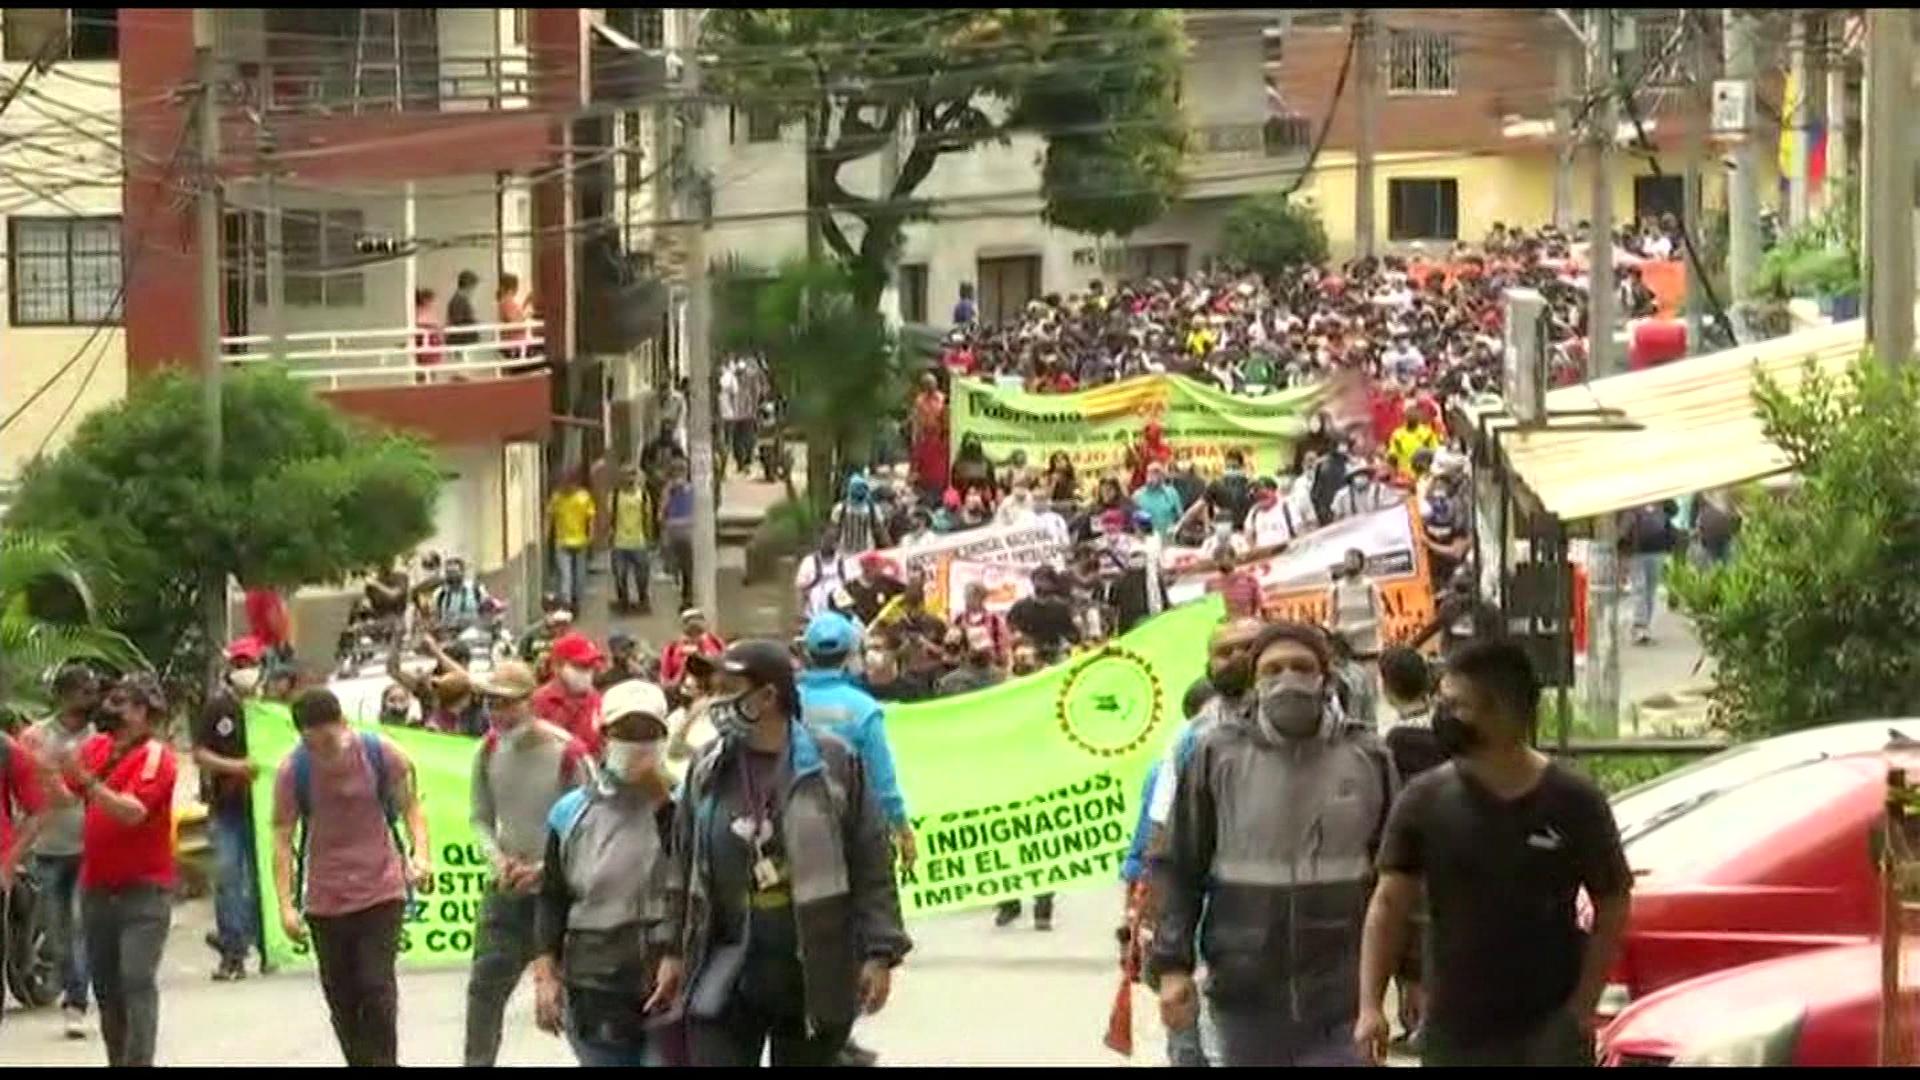 Marcha del 1 de mayo recorre barrios populares